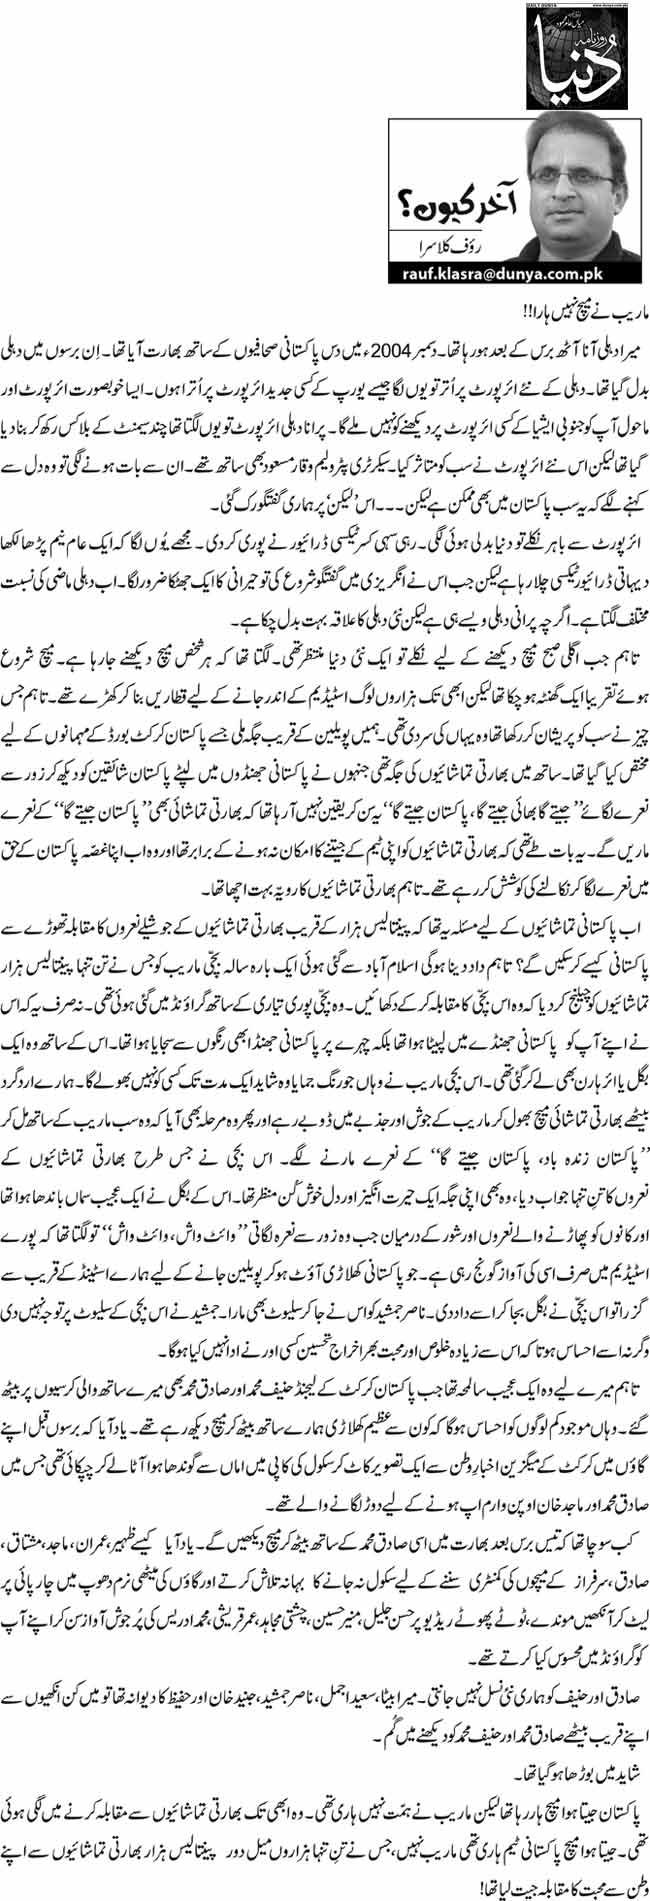 Ma Raib ne match nahi hara!! - Rauf Klasra